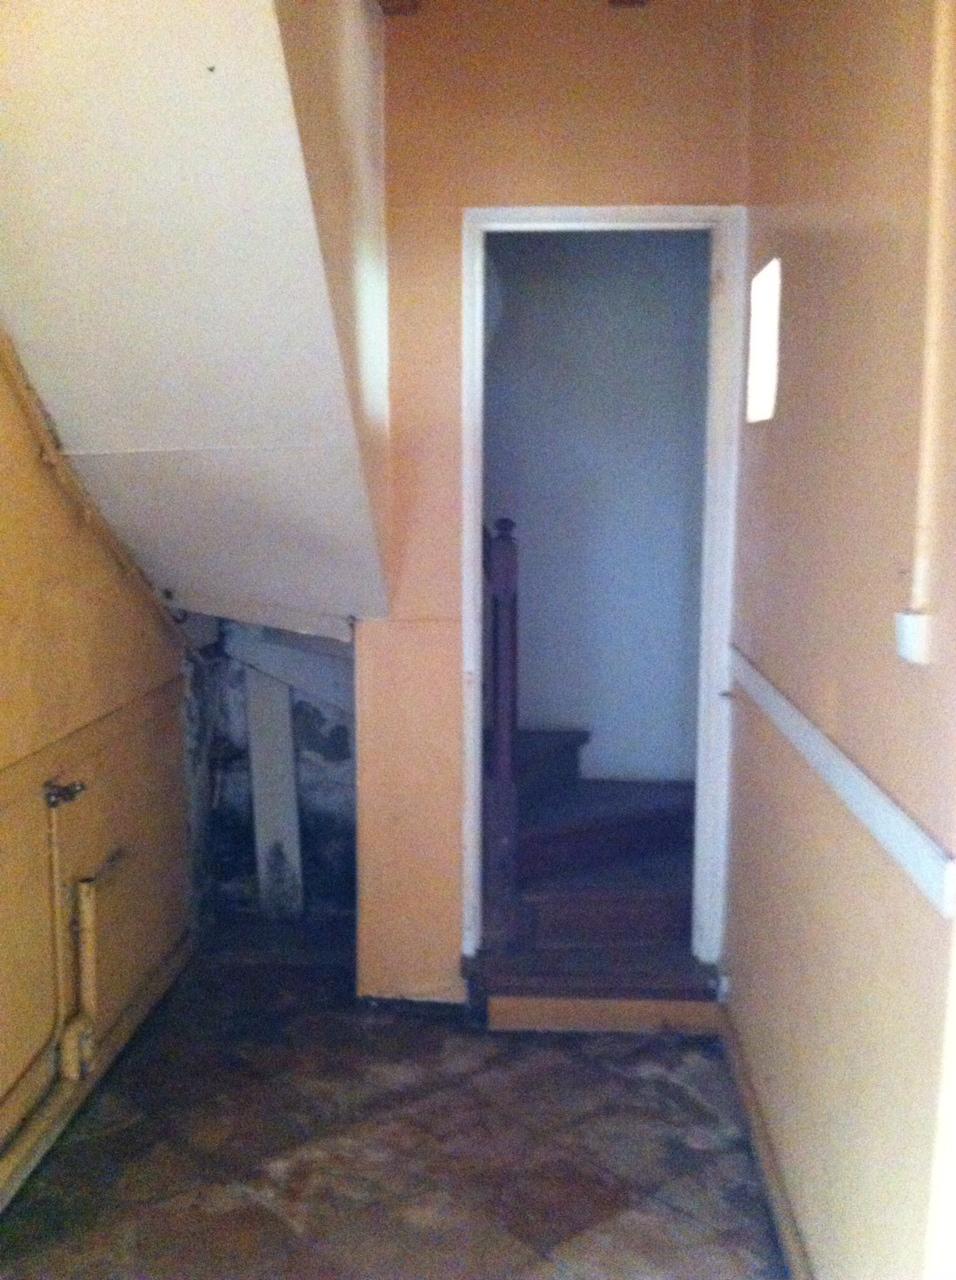 Couloir de l'escalier avant travaux